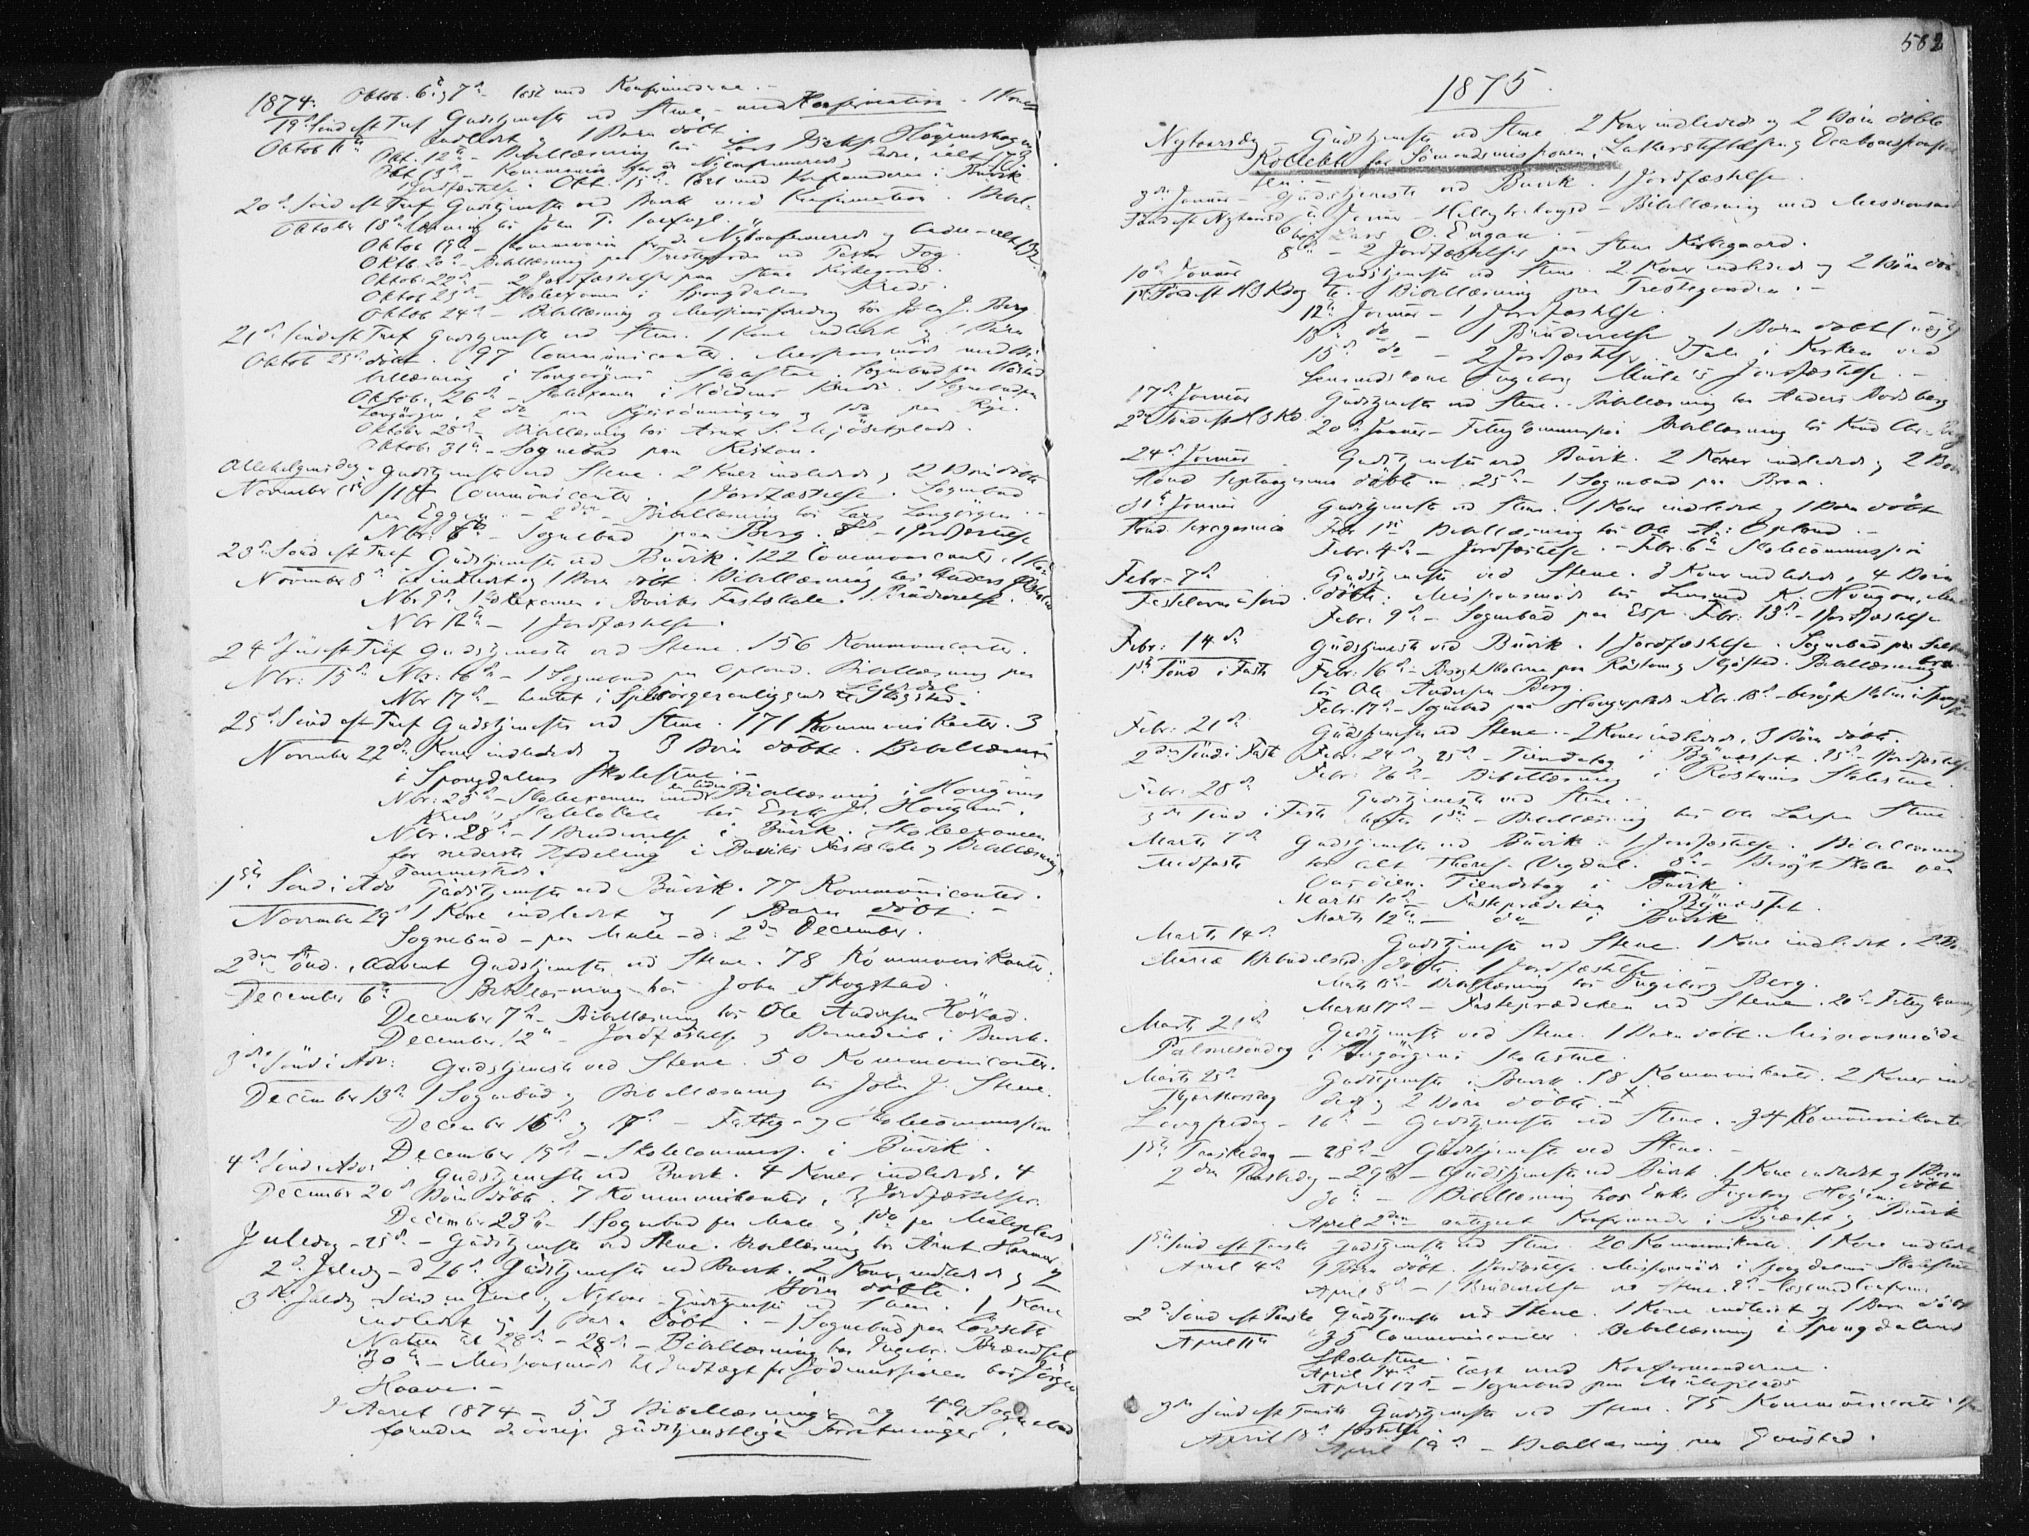 SAT, Ministerialprotokoller, klokkerbøker og fødselsregistre - Sør-Trøndelag, 612/L0377: Ministerialbok nr. 612A09, 1859-1877, s. 582